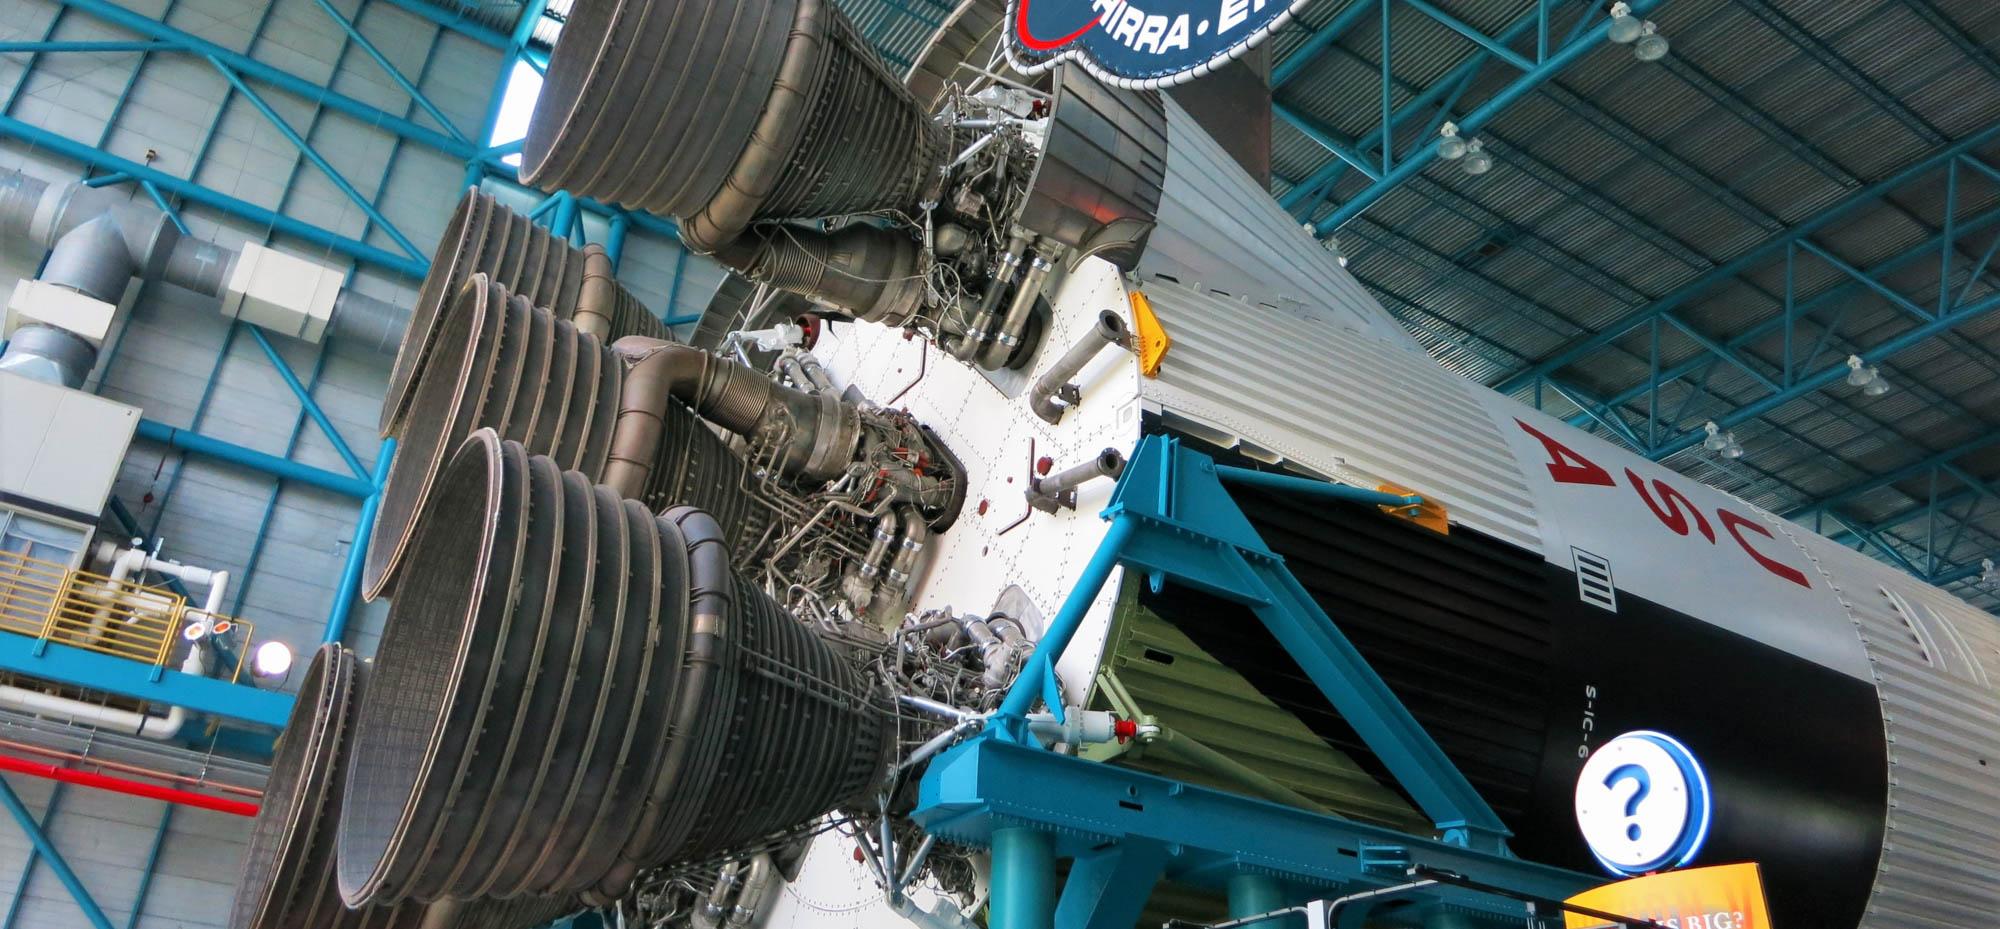 Rocket at Nasa museum